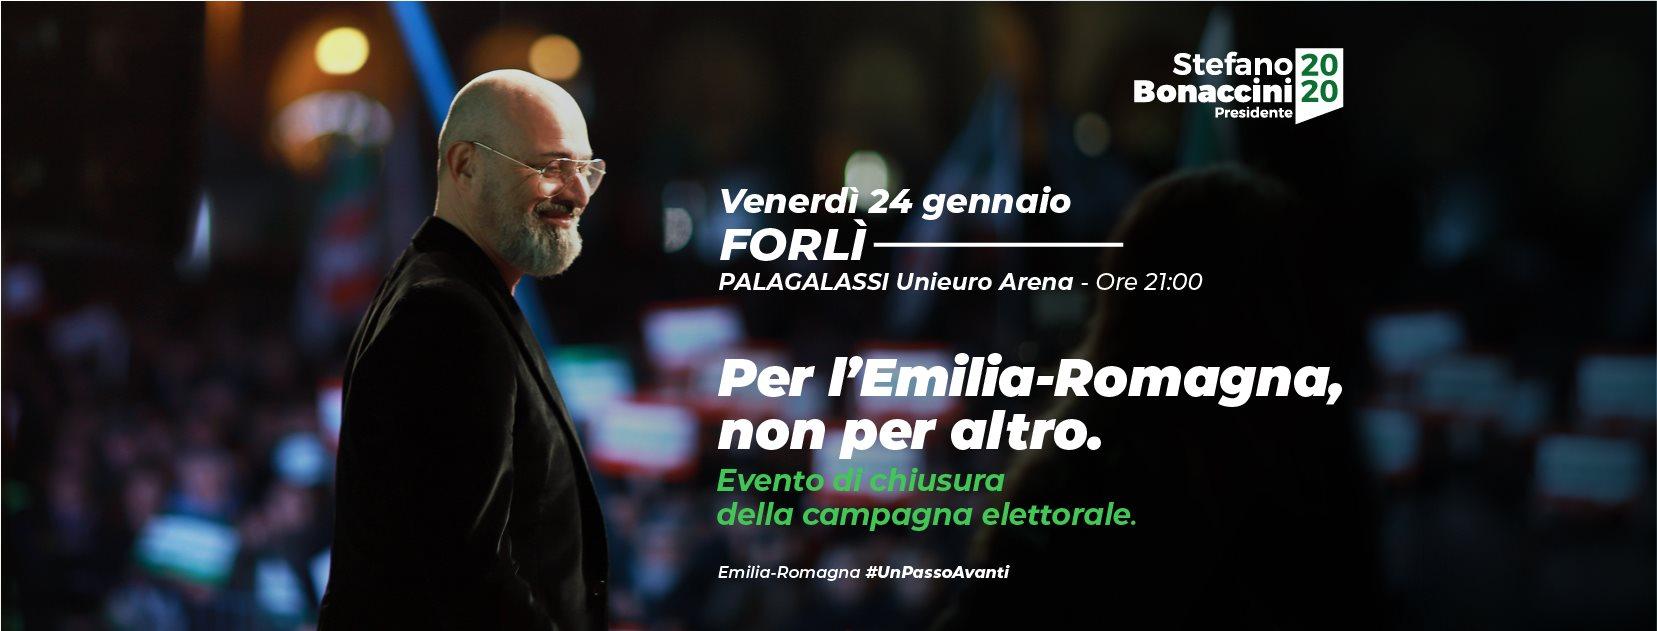 Chiusura Campagna Elettorale Stefano Bonaccini a Forlì